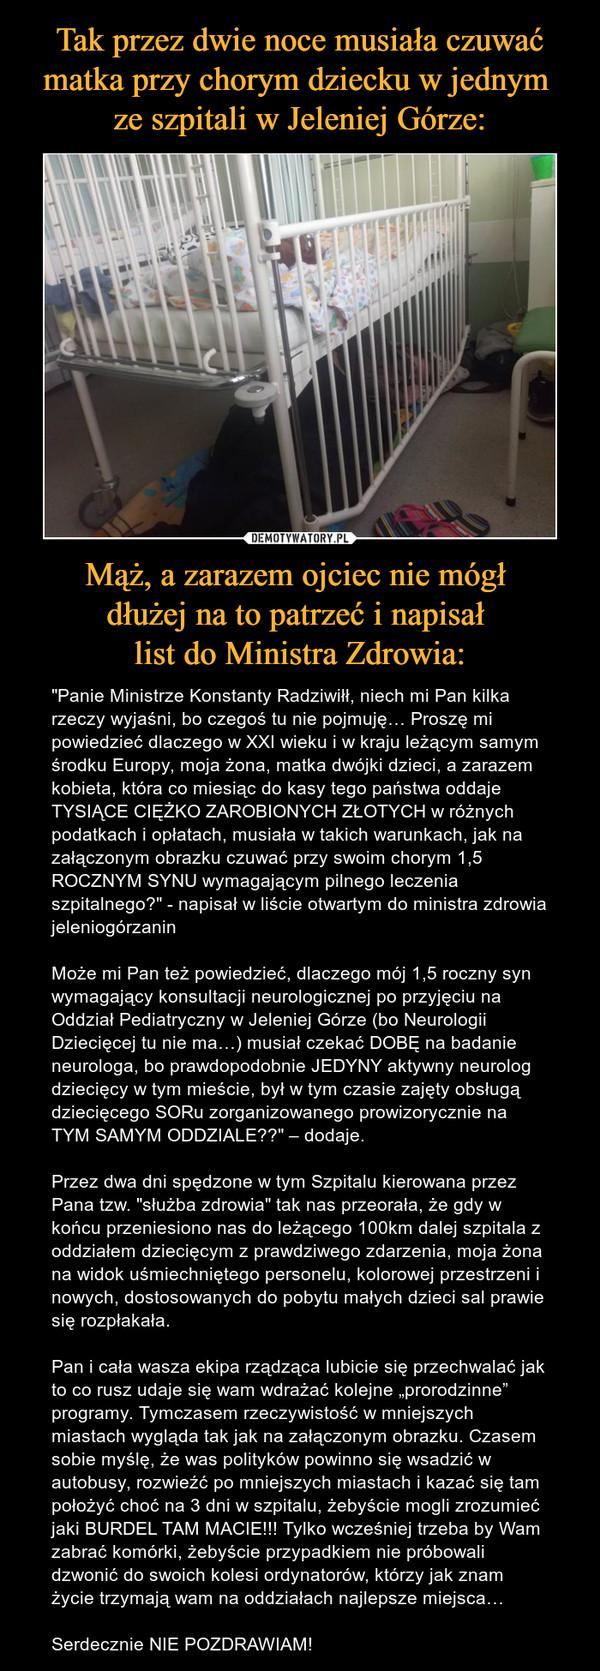 """Mąż, a zarazem ojciec nie mógł dłużej na to patrzeć i napisał list do Ministra Zdrowia: – """"Panie Ministrze Konstanty Radziwiłł, niech mi Pan kilka rzeczy wyjaśni, bo czegoś tu nie pojmuję… Proszę mi powiedzieć dlaczego w XXI wieku i w kraju leżącym samym środku Europy, moja żona, matka dwójki dzieci, a zarazem kobieta, która co miesiąc do kasy tego państwa oddaje TYSIĄCE CIĘŻKO ZAROBIONYCH ZŁOTYCH w różnych podatkach i opłatach, musiała w takich warunkach, jak na załączonym obrazku czuwać przy swoim chorym 1,5 ROCZNYM SYNU wymagającym pilnego leczenia szpitalnego?"""" - napisał w liście otwartym do ministra zdrowia jeleniogórzaninMoże mi Pan też powiedzieć, dlaczego mój 1,5 roczny syn wymagający konsultacji neurologicznej po przyjęciu na Oddział Pediatryczny w Jeleniej Górze (bo Neurologii Dziecięcej tu nie ma…) musiał czekać DOBĘ na badanie neurologa, bo prawdopodobnie JEDYNY aktywny neurolog dziecięcy w tym mieście, był w tym czasie zajęty obsługą dziecięcego SORu zorganizowanego prowizorycznie na TYM SAMYM ODDZIALE??"""" – dodaje.Przez dwa dni spędzone w tym Szpitalu kierowana przez Pana tzw. """"służba zdrowia"""" tak nas przeorała, że gdy w końcu przeniesiono nas do leżącego 100km dalej szpitala z oddziałem dziecięcym z prawdziwego zdarzenia, moja żona na widok uśmiechniętego personelu, kolorowej przestrzeni i nowych, dostosowanych do pobytu małych dzieci sal prawie się rozpłakała.Pan i cała wasza ekipa rządząca lubicie się przechwalać jak to co rusz udaje się wam wdrażać kolejne """"prorodzinne"""" programy. Tymczasem rzeczywistość w mniejszych miastach wygląda tak jak na załączonym obrazku. Czasem sobie myślę, że was polityków powinno się wsadzić w autobusy, rozwieźć po mniejszych miastach i kazać się tam położyć choć na 3 dni w szpitalu, żebyście mogli zrozumieć jaki BURDEL TAM MACIE!!! Tylko wcześniej trzeba by Wam zabrać komórki, żebyście przypadkiem nie próbowali dzwonić do swoich kolesi ordynatorów, którzy jak znam życie trzymają wam na oddziałach najlepsze miejsca…Serdec"""